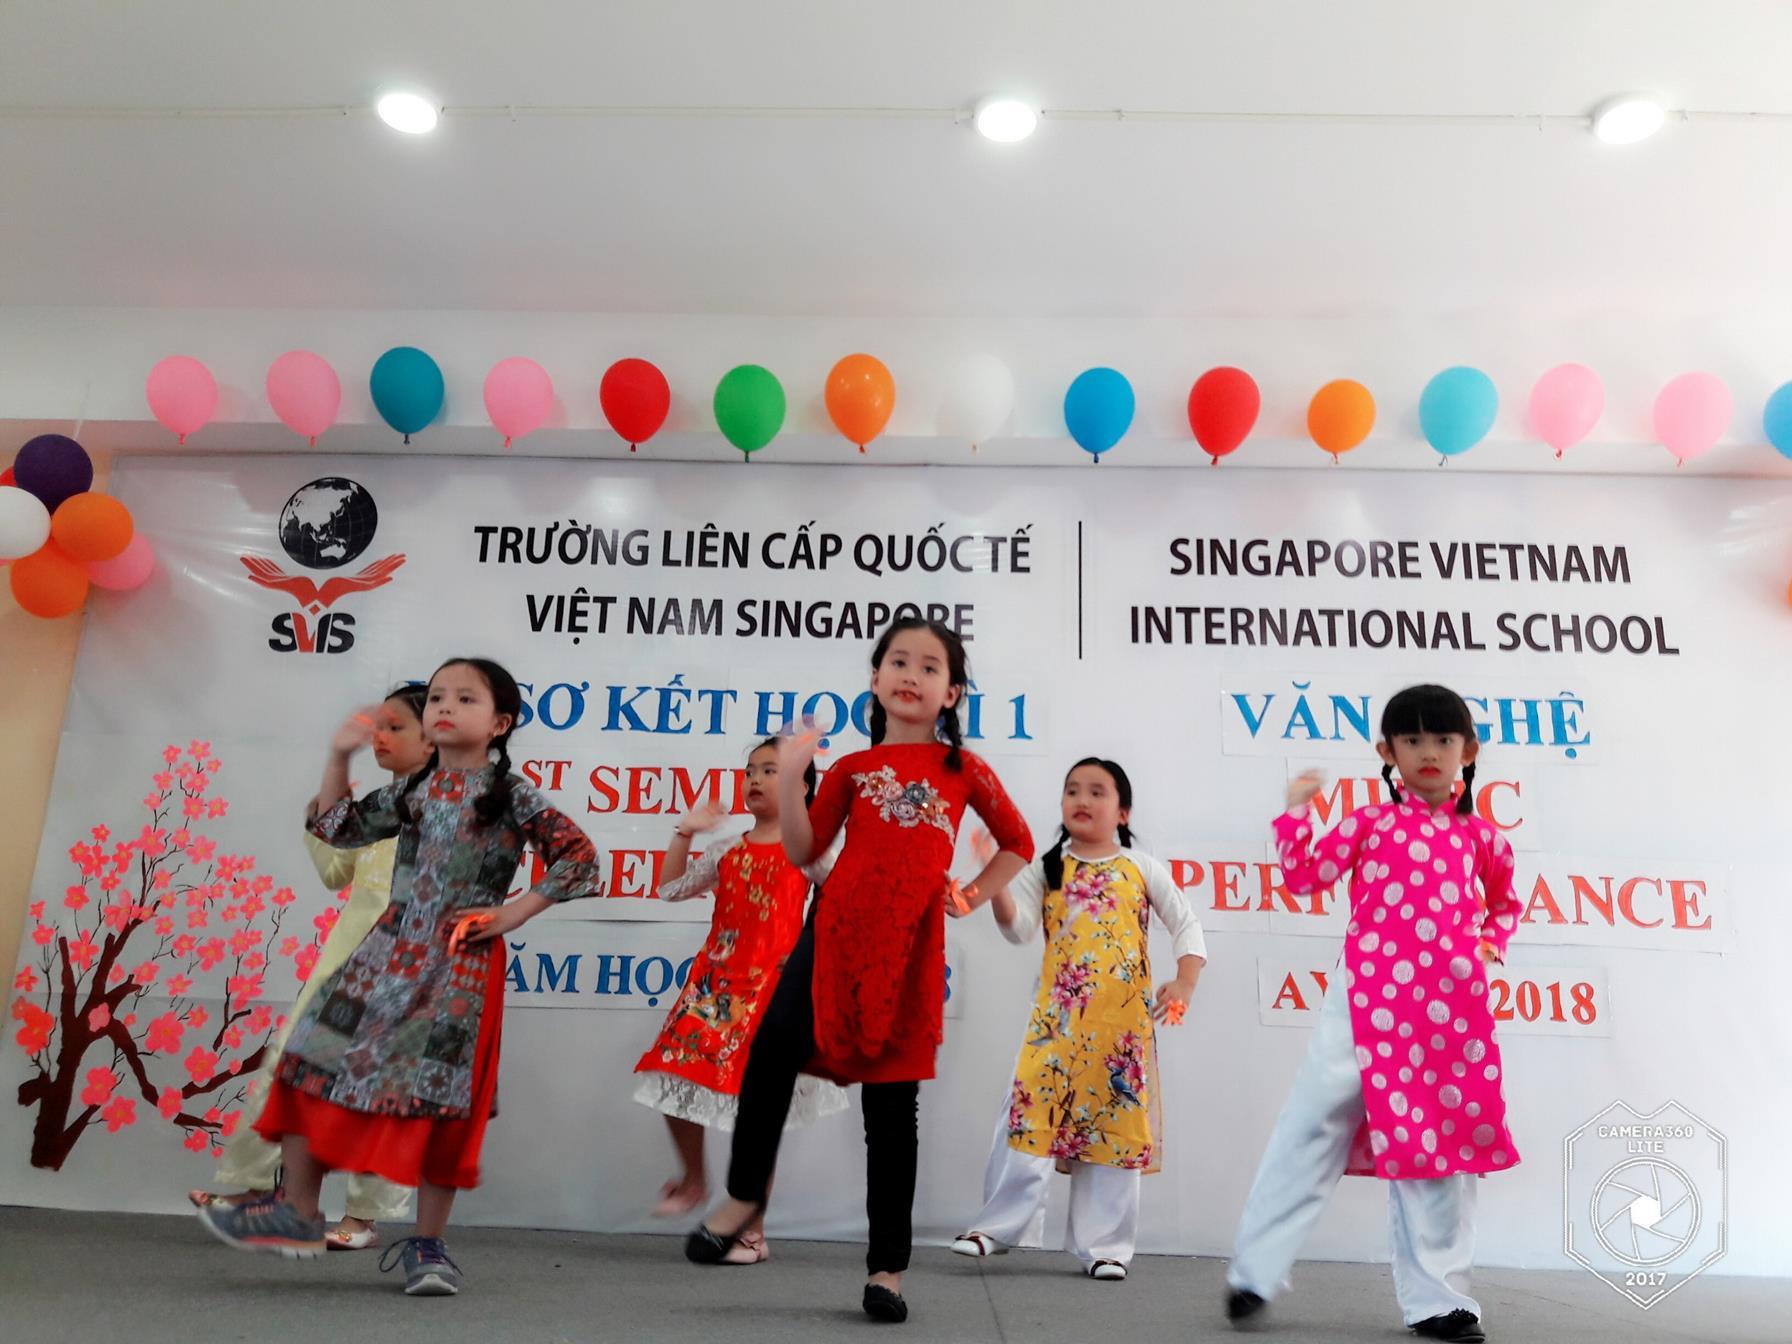 Tet Festival 2018 - Trường Liên Cấp Quốc Tế Việt Nam Singapore tại